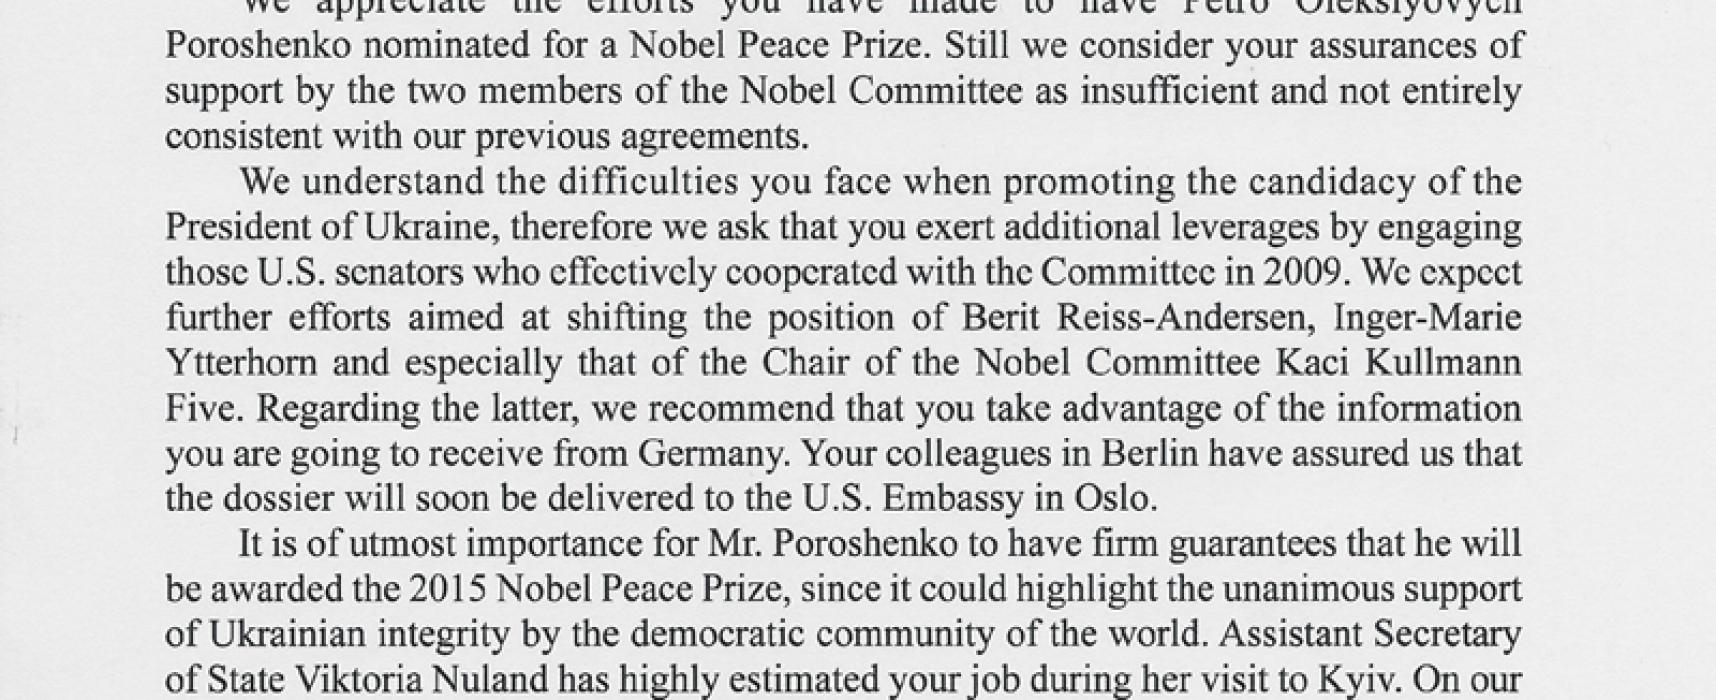 В Верховной Раде опровергли информацию о выдвижении Порошенко на Нобелевскую премию